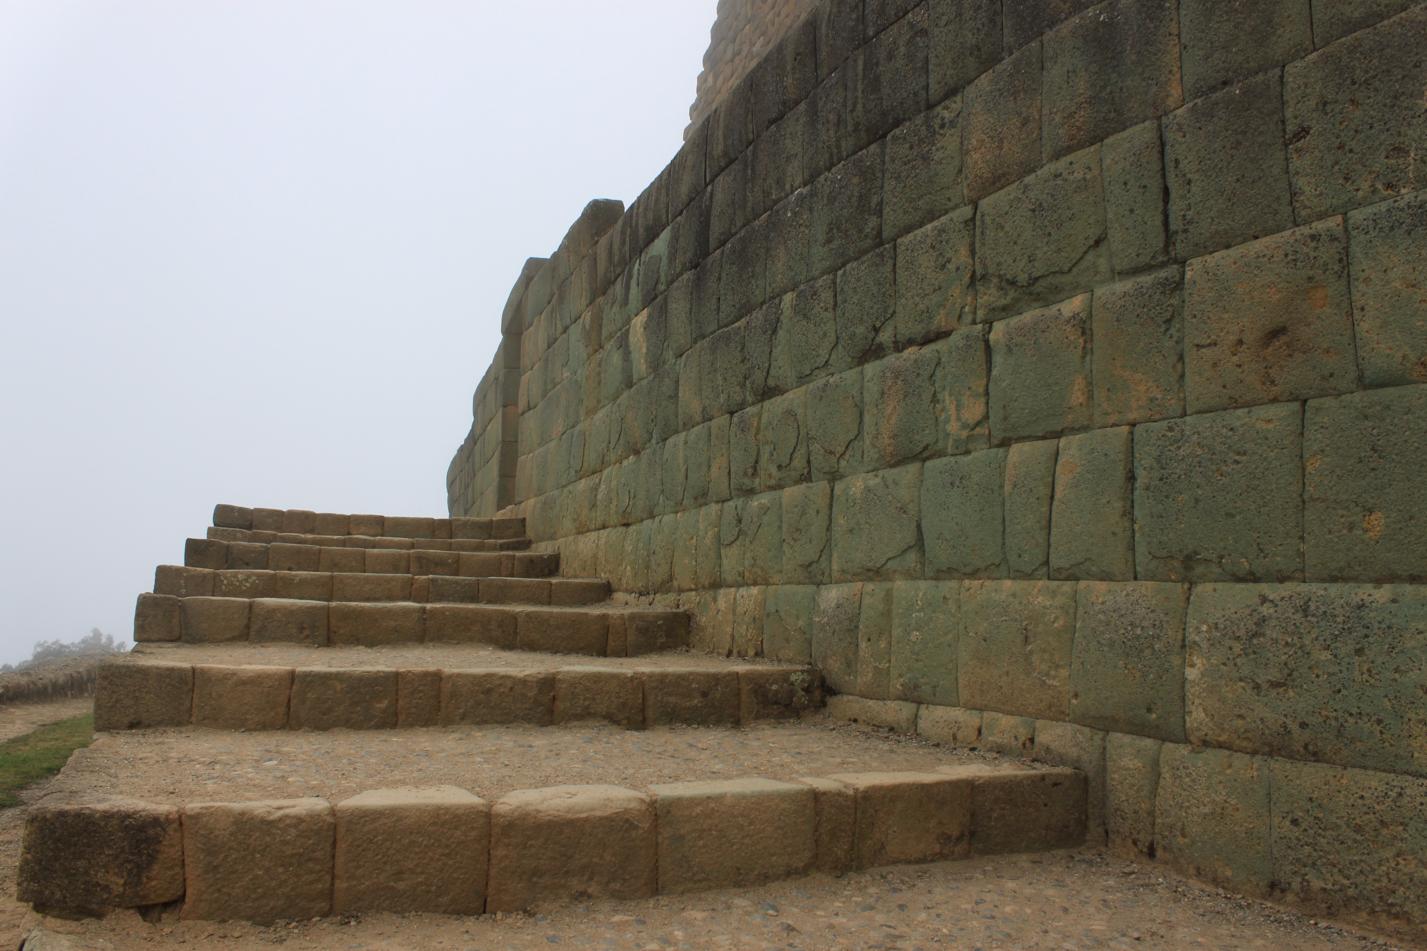 Dieses fugenlose Zusammenfügen der Steine, trägt die Handschrift der Inkas.